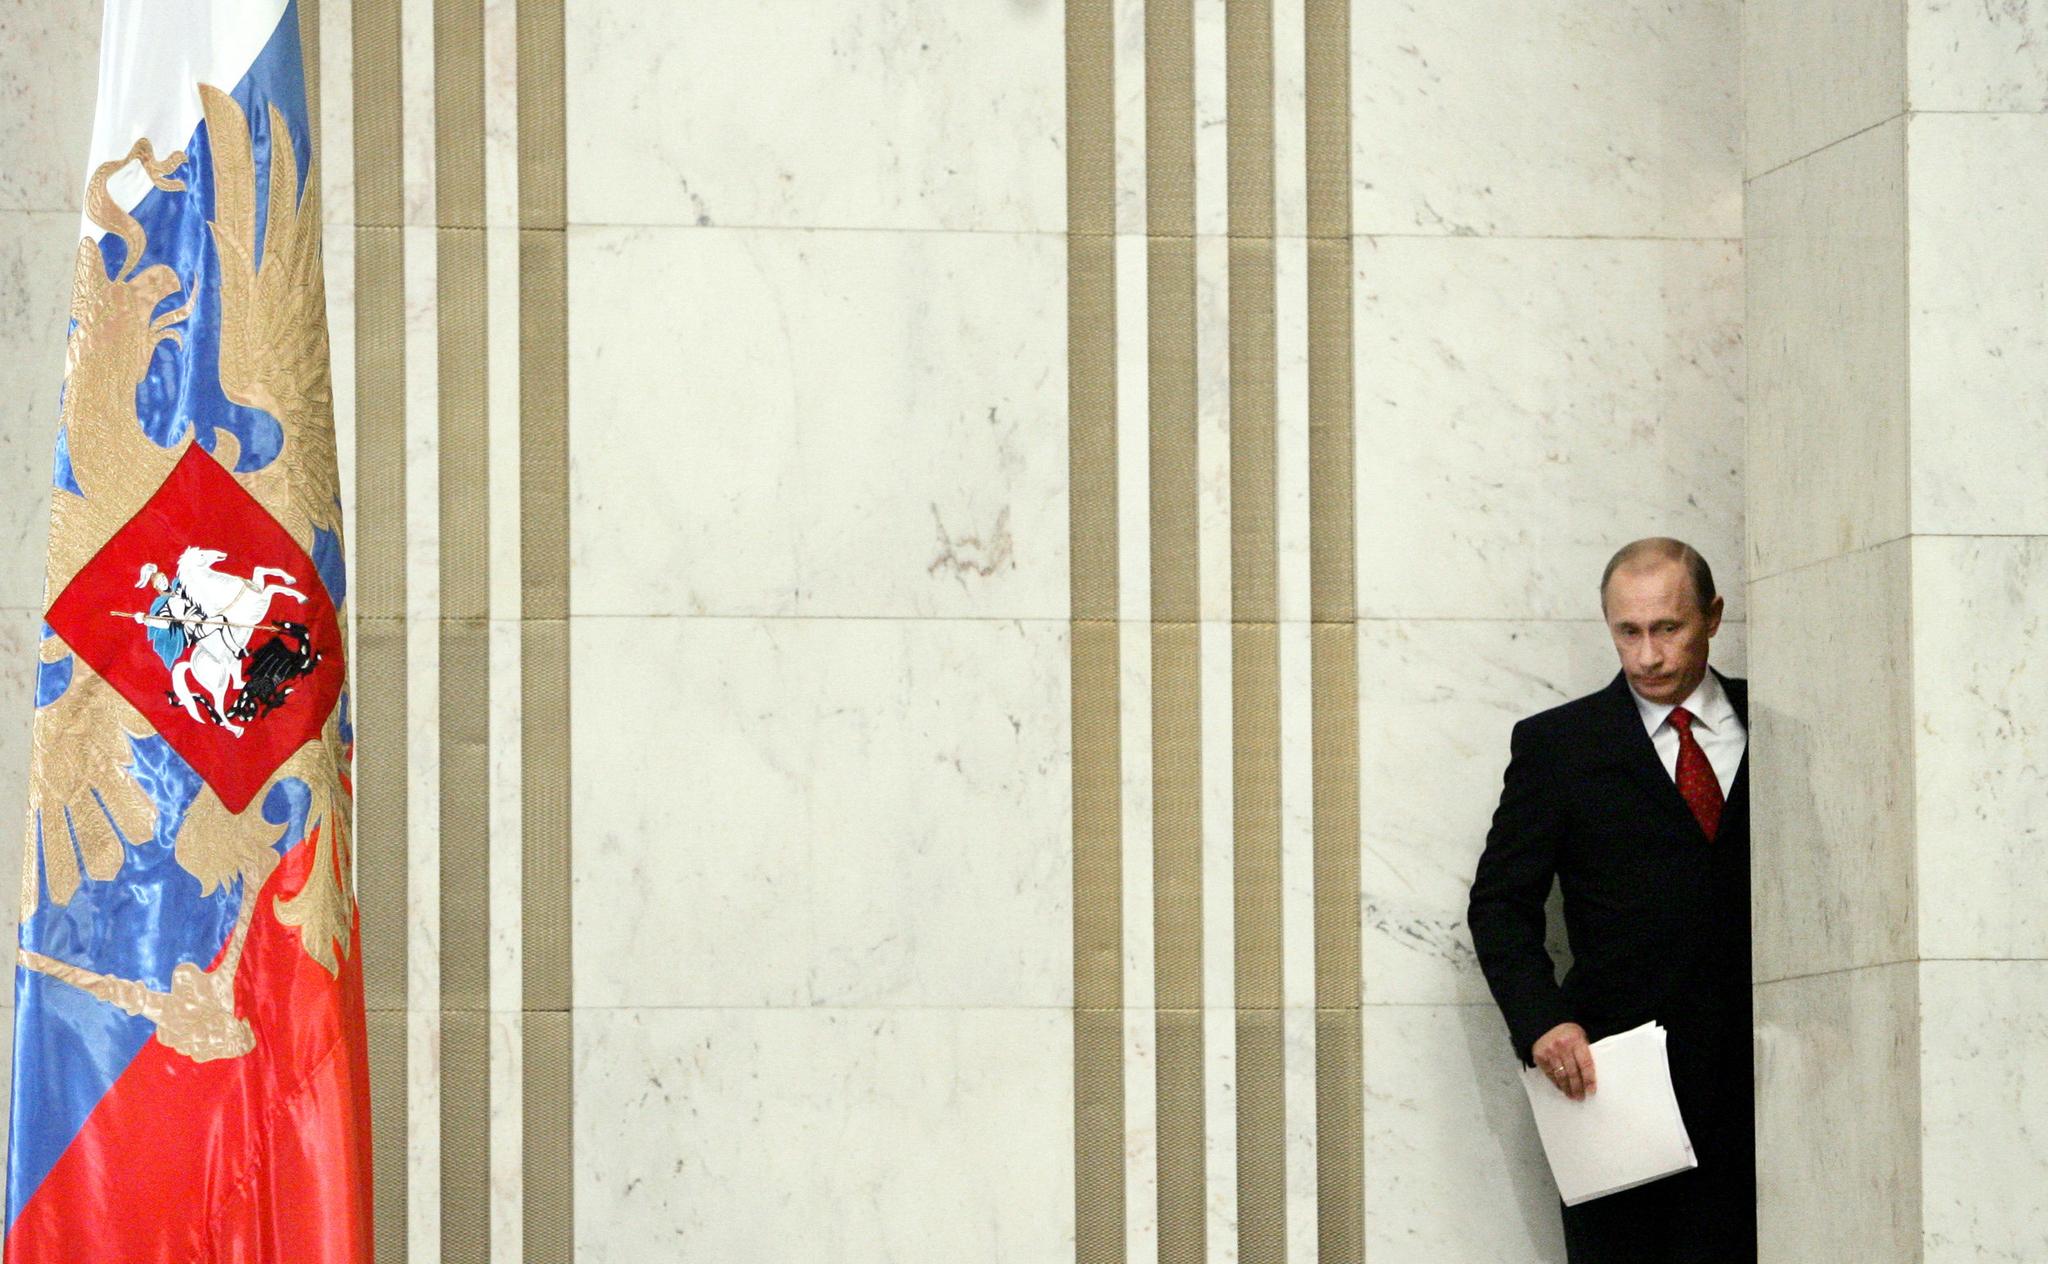 2006년 1월 31일, 연두 기자회견을 하기 위해 회견장으로 들어서는 푸틴. [AFP=연합뉴스]